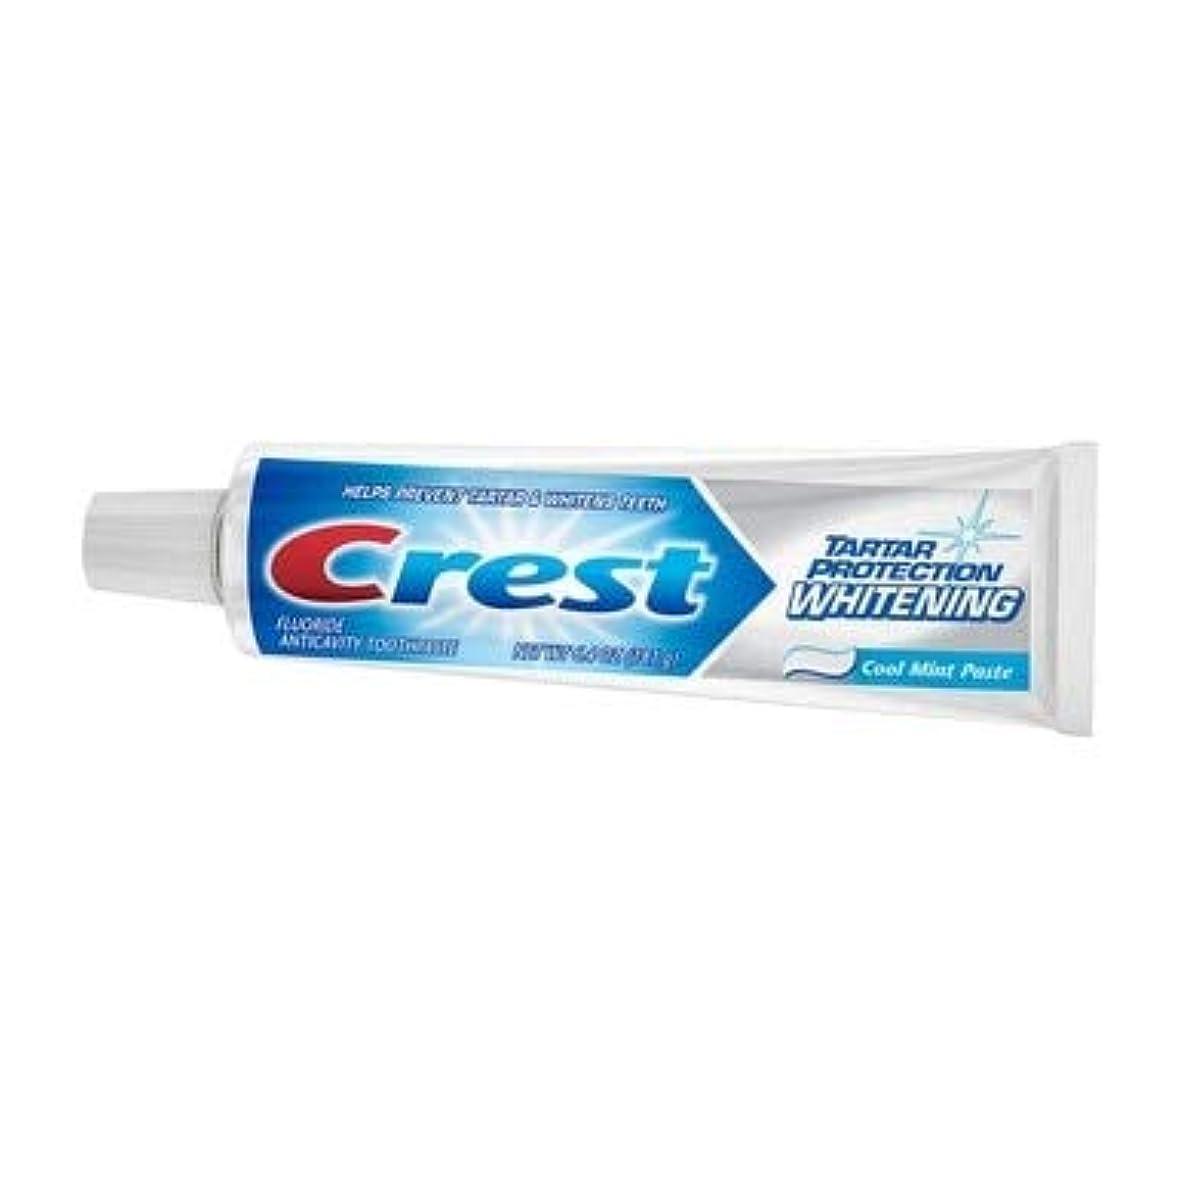 最大限未使用生きるCrest タルタル保護歯磨きホワイトニングクールミント - 6を6.4オズ、パック